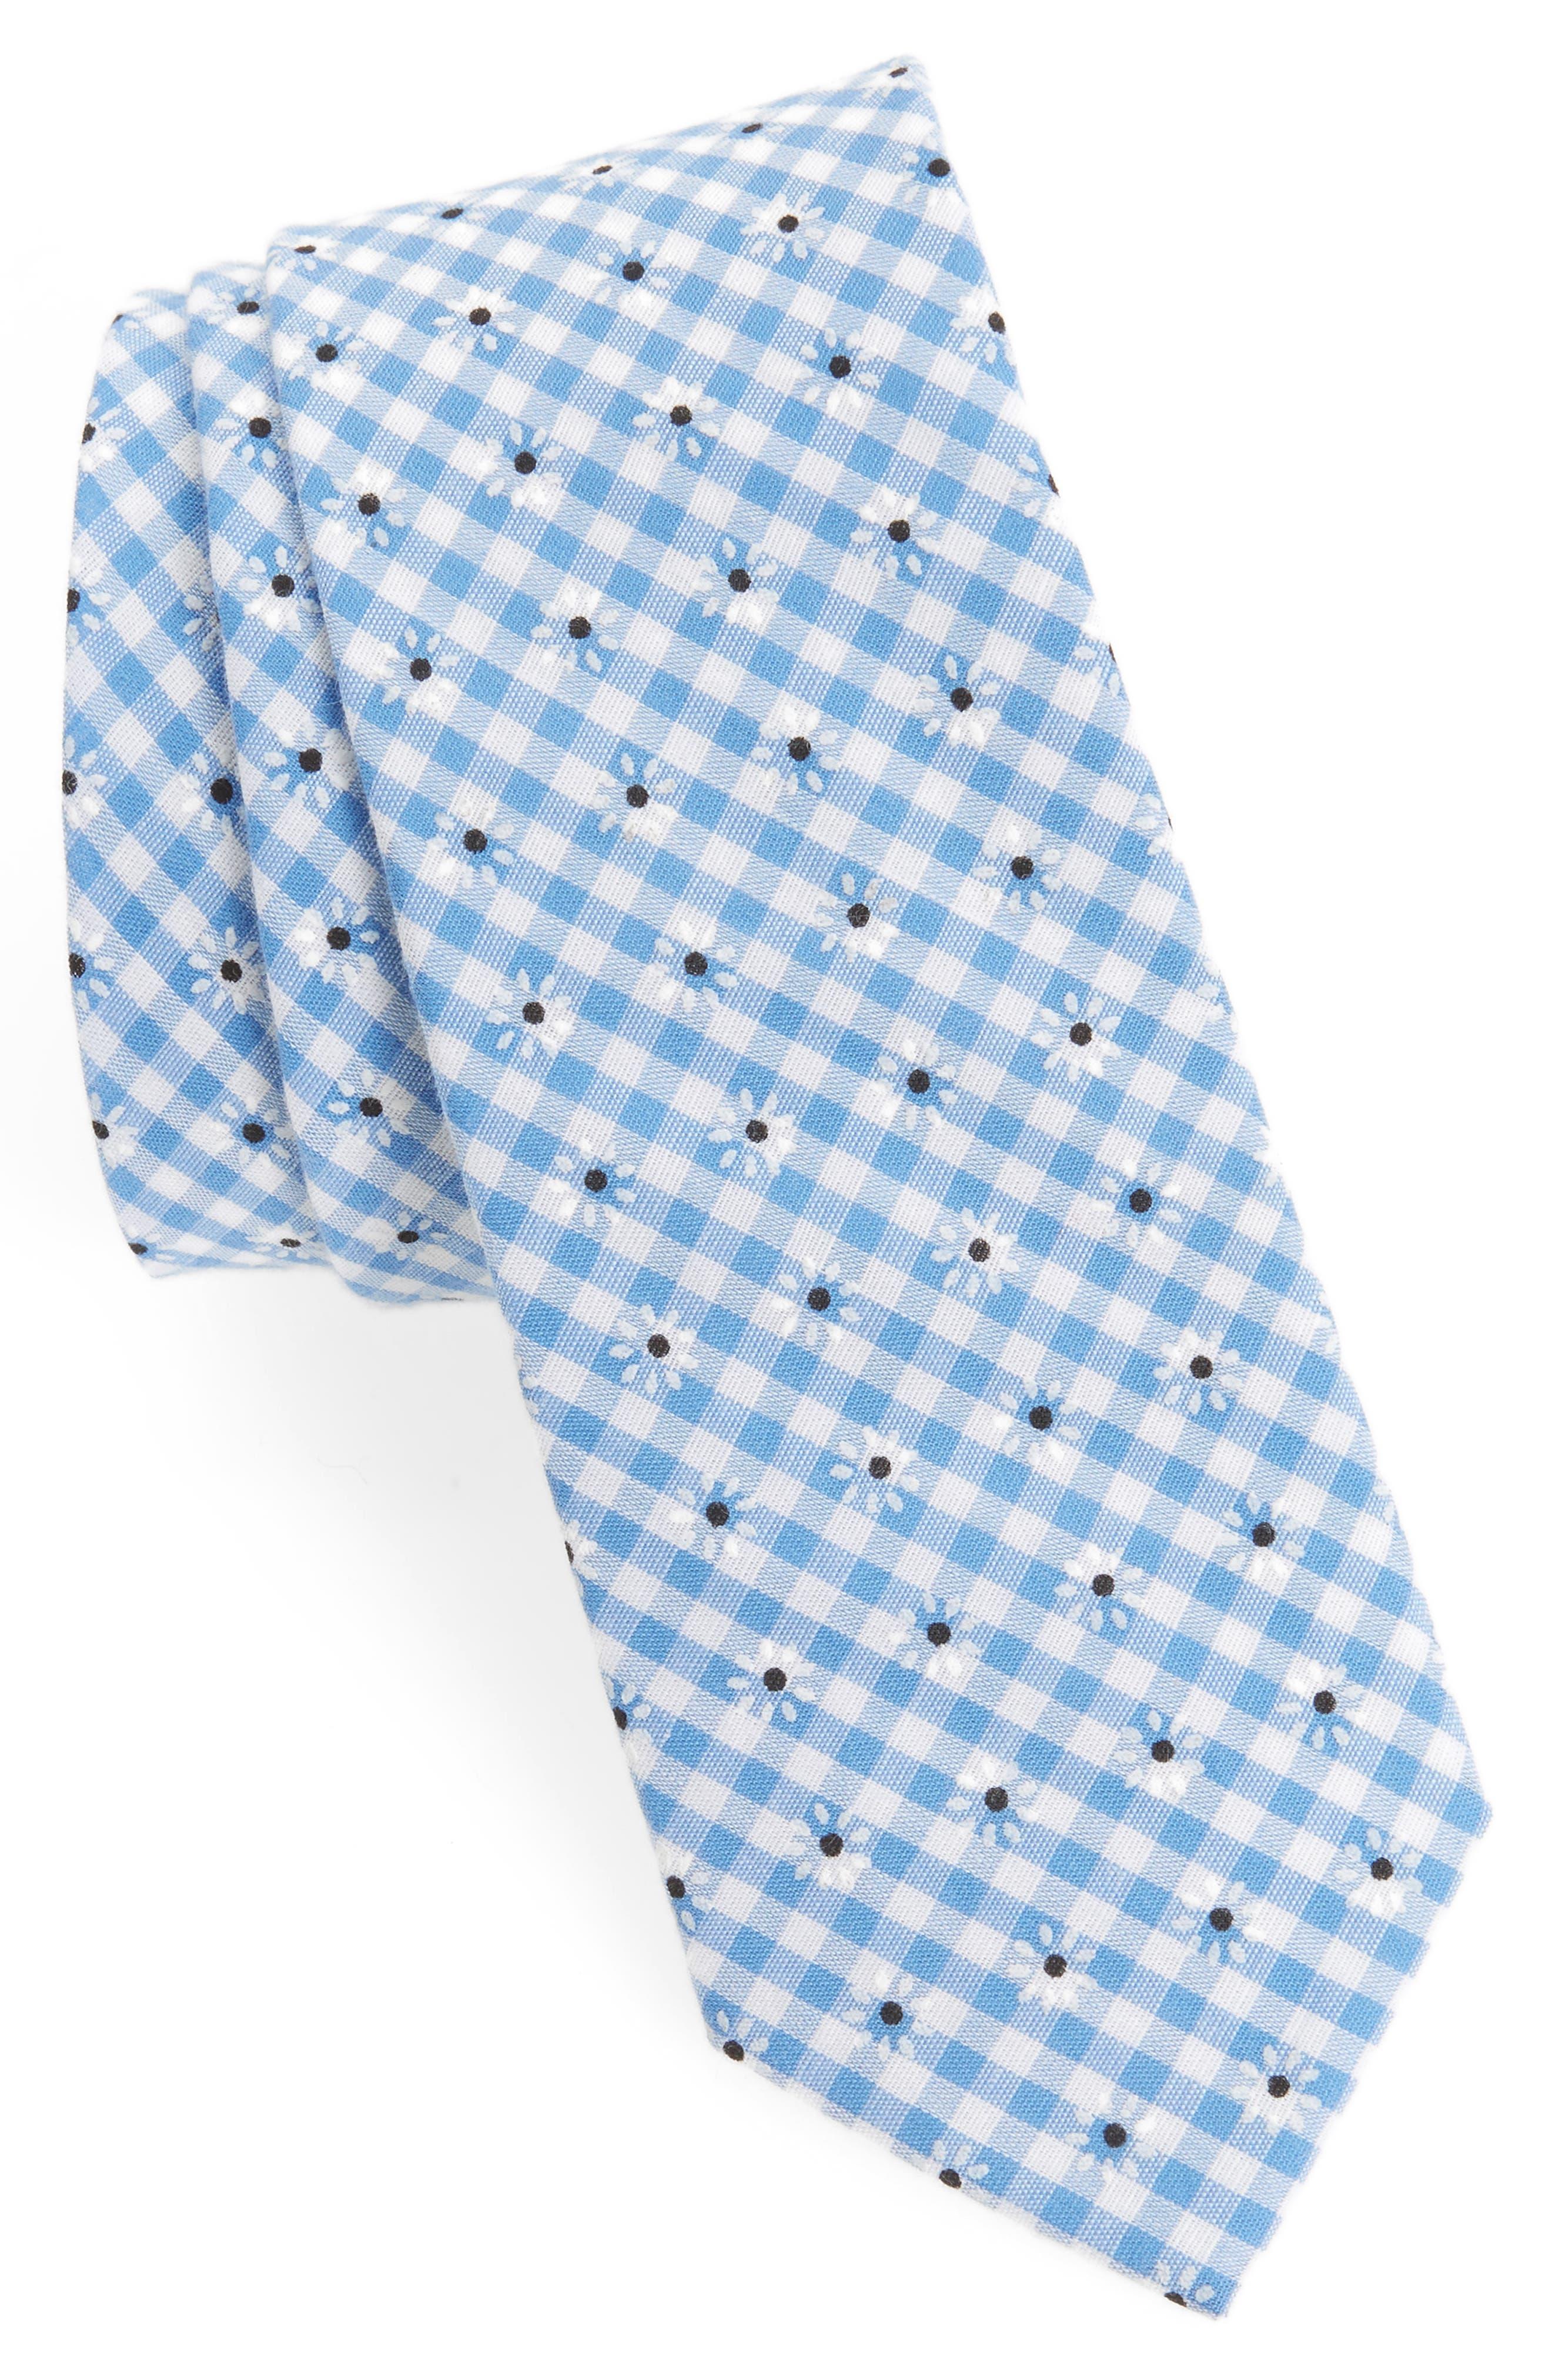 Flower & Gingham Cotton Tie,                         Main,                         color, Light Blue